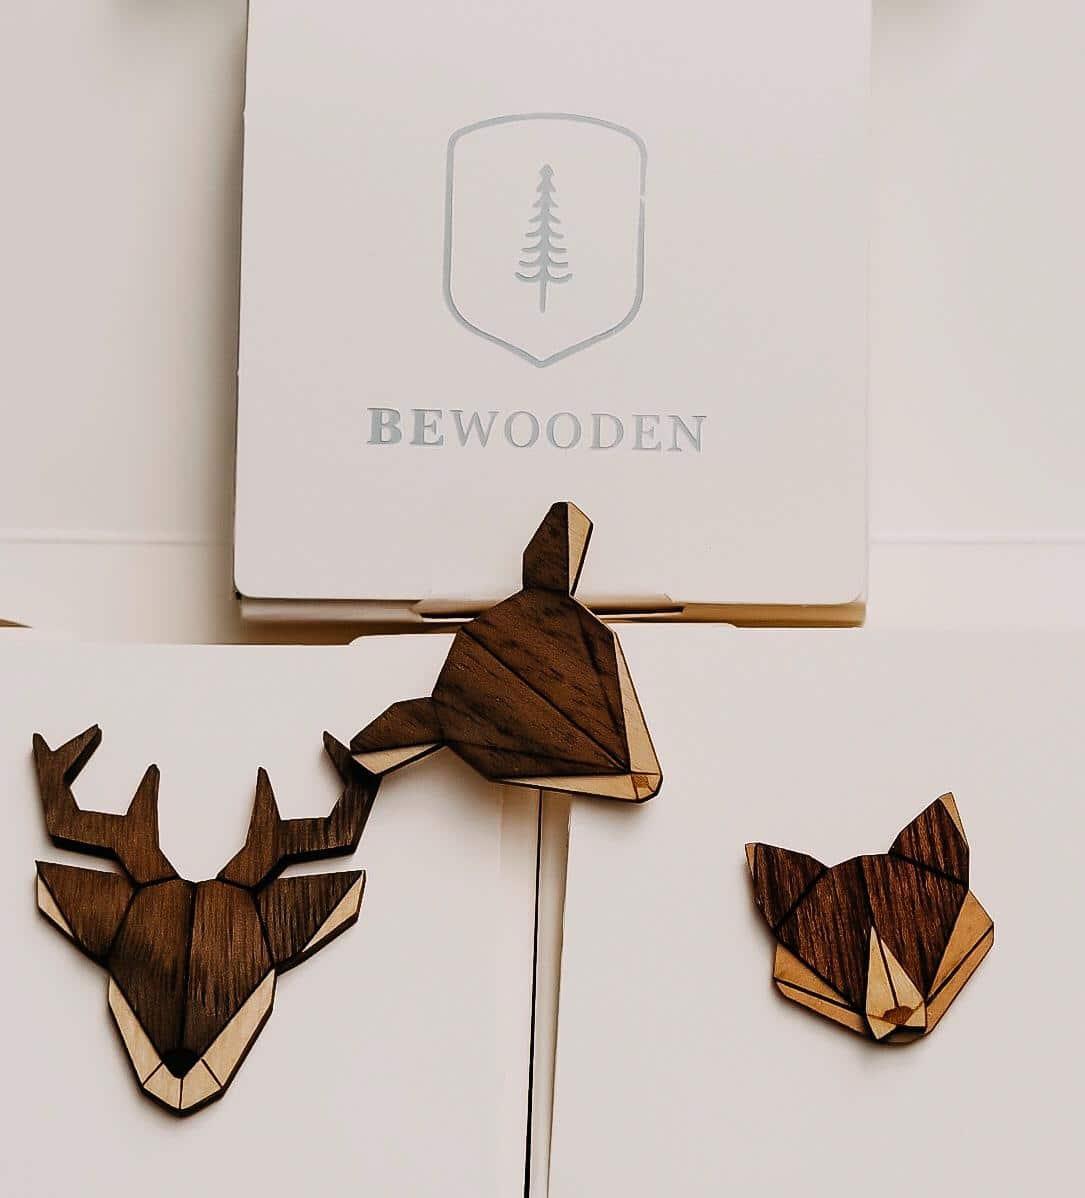 Das nachhaltige Design Label BeWooden fertigt bspw. kultige Holz-Broschen, Holzfliegen oder sonstige Accessoires für jeden Fashion Fan. Ich zeige das Label.